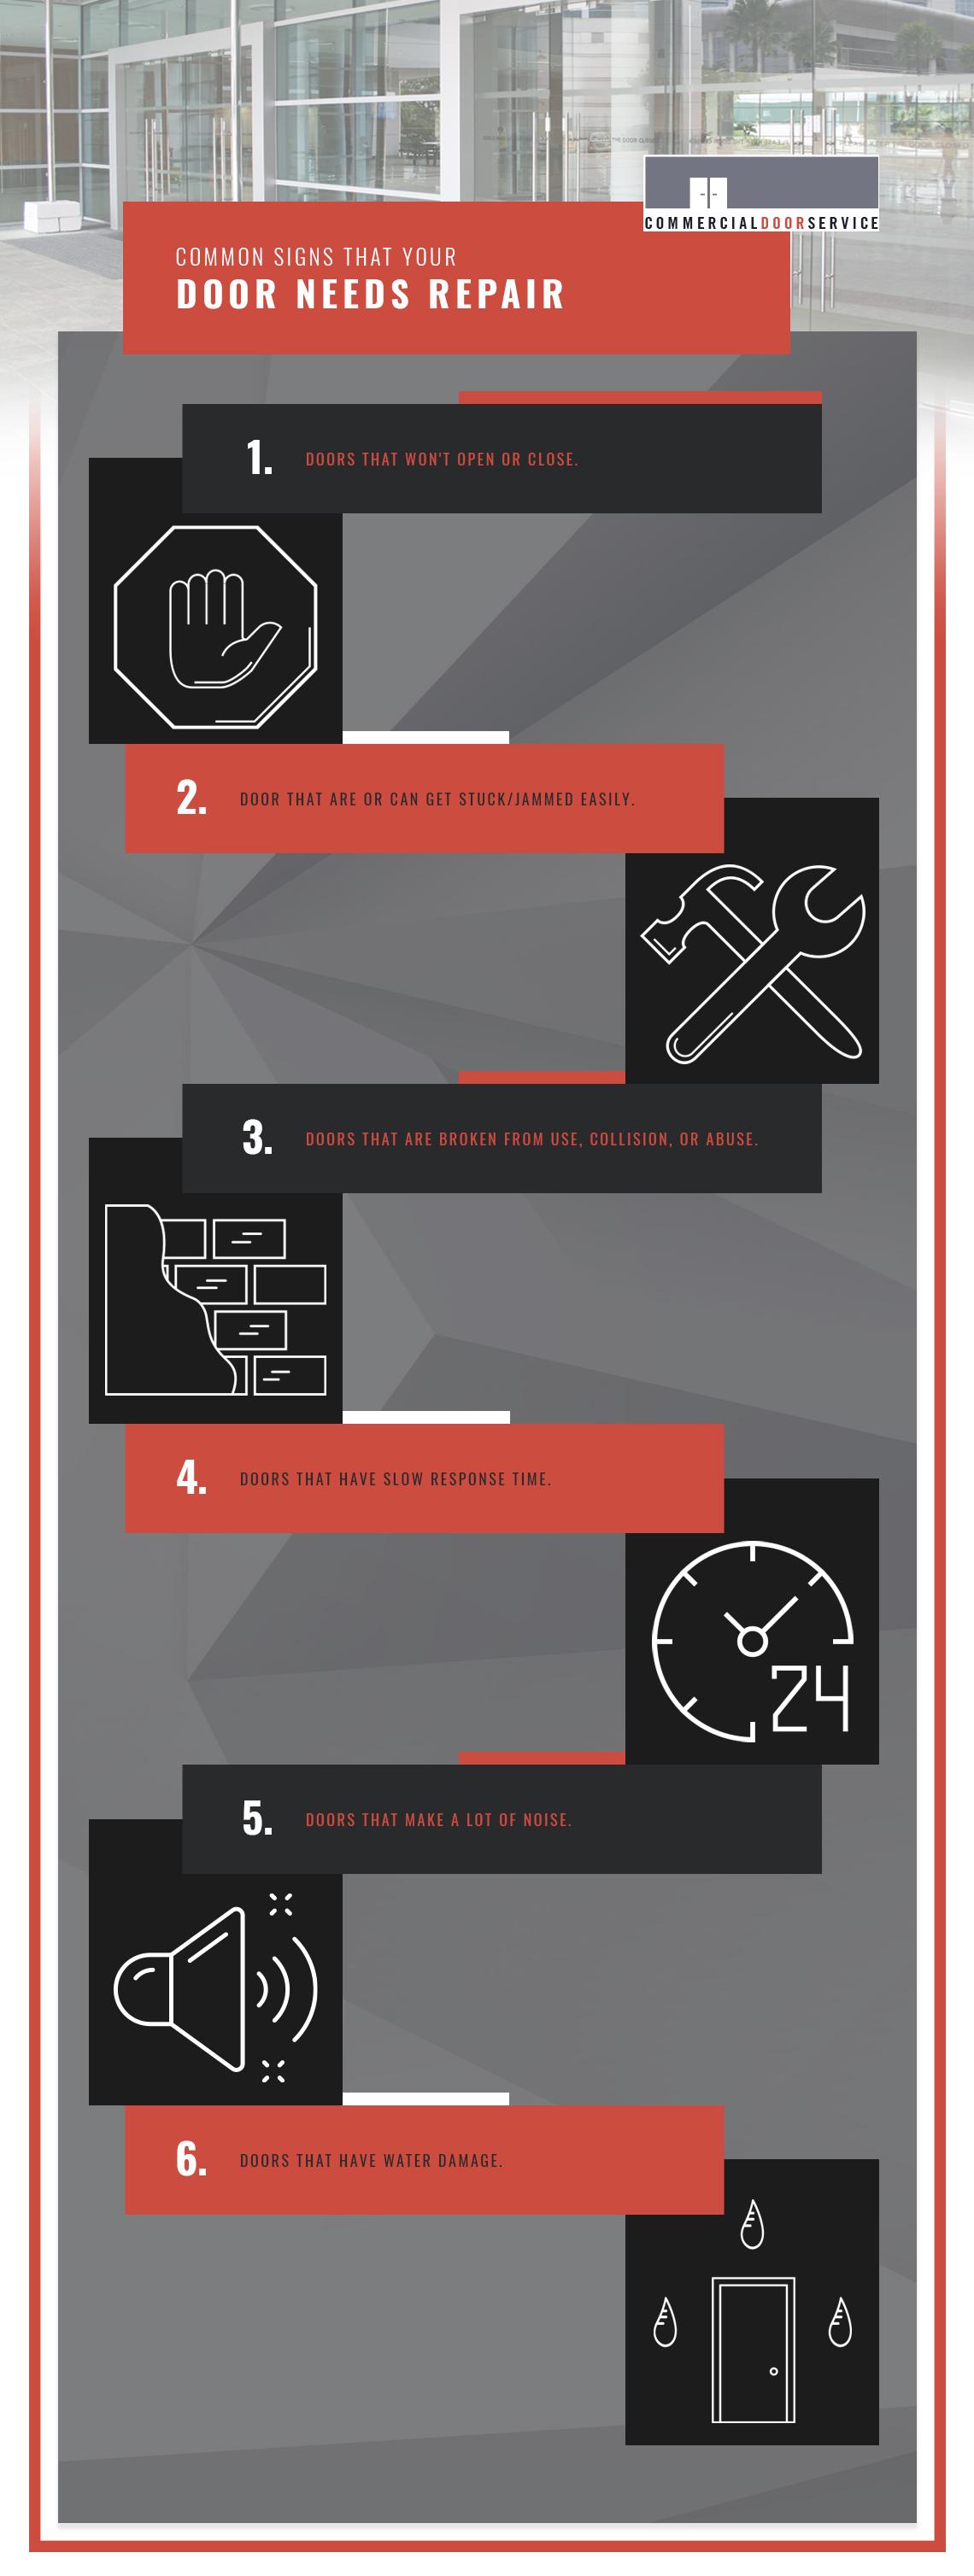 Common Signs That Your Door Needs Repair infographic.